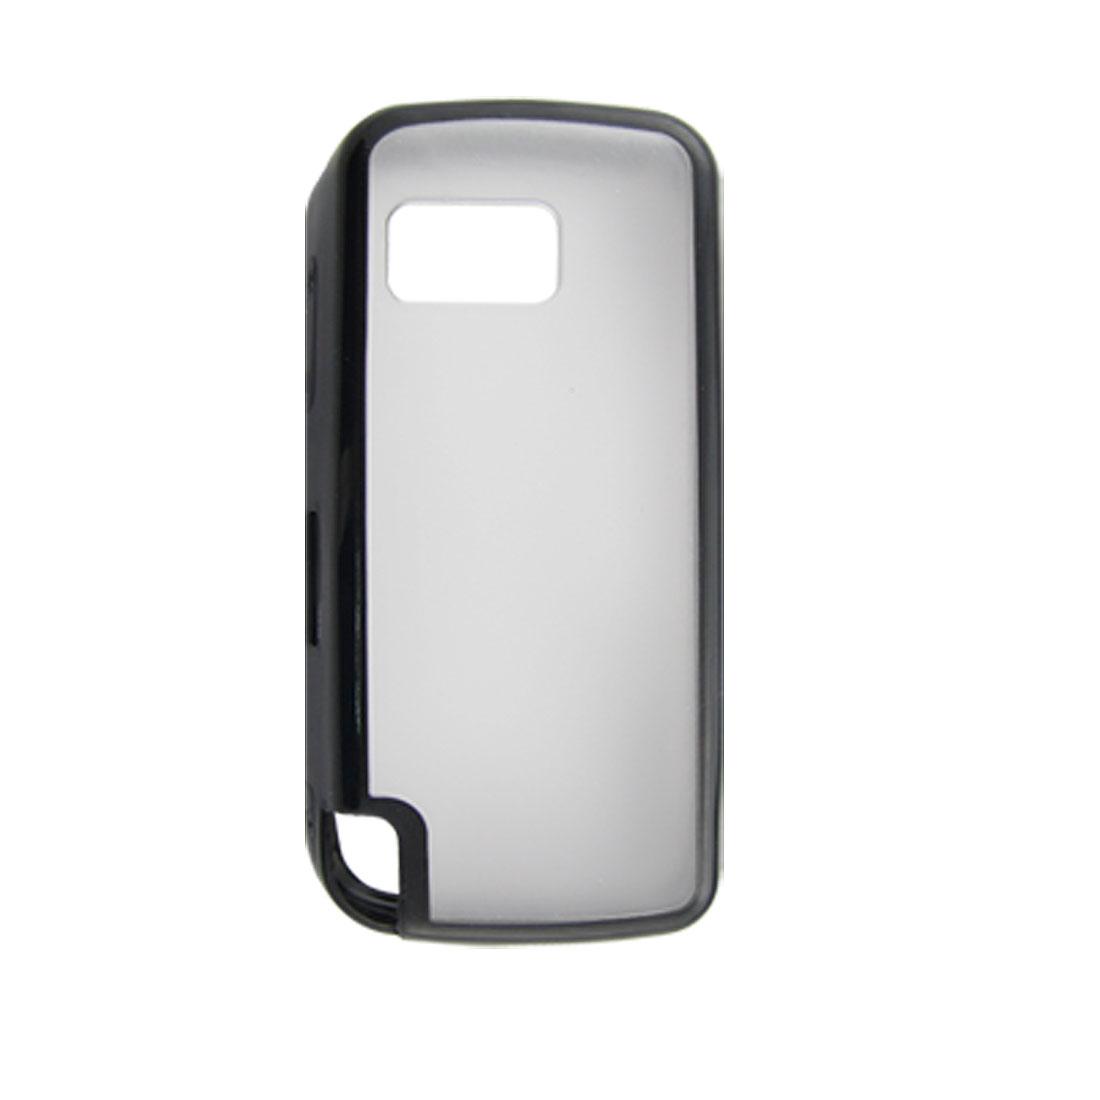 Black Soft Plastic Back Case for Nokia 5230 5235